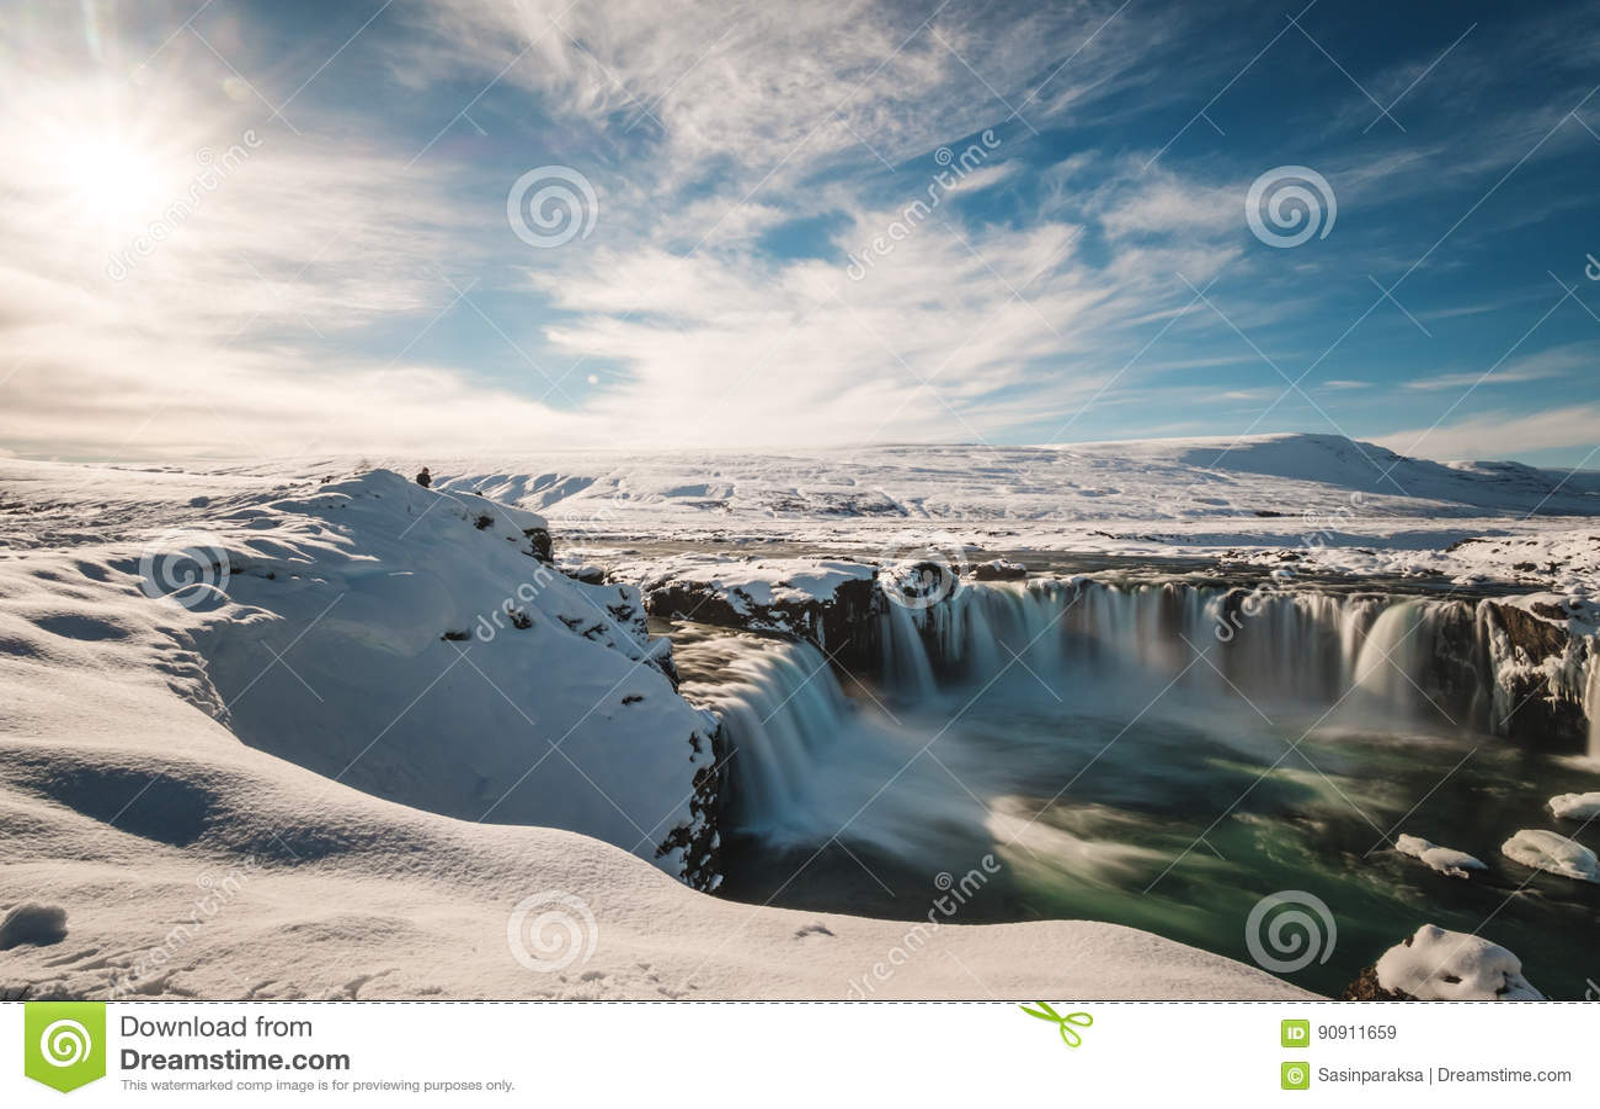 Τοπίο, πτώση νερού Godafoss στο χειμώνα στην Ισλανδία με το φωτεινό φως του ήλιου